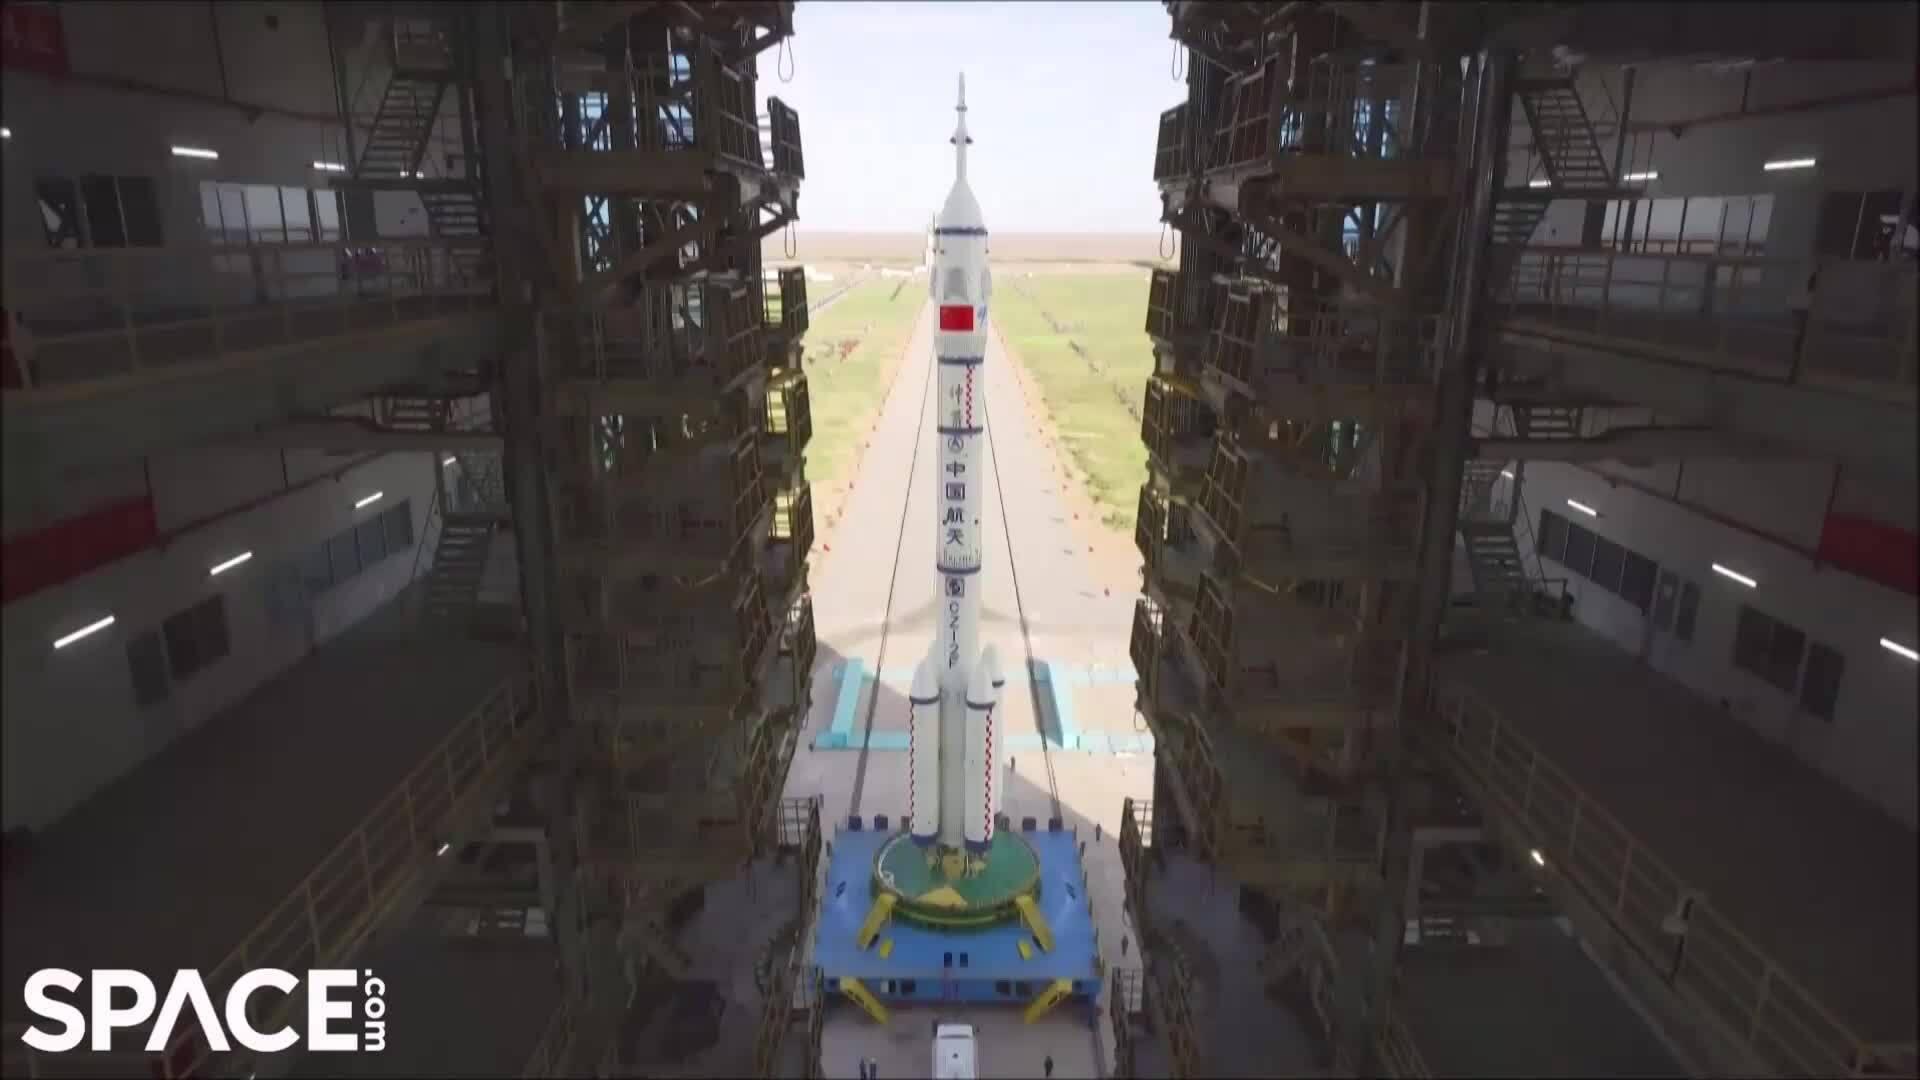 Tàu vũ trụ chở người của Trung Quốc vào bệ phóng